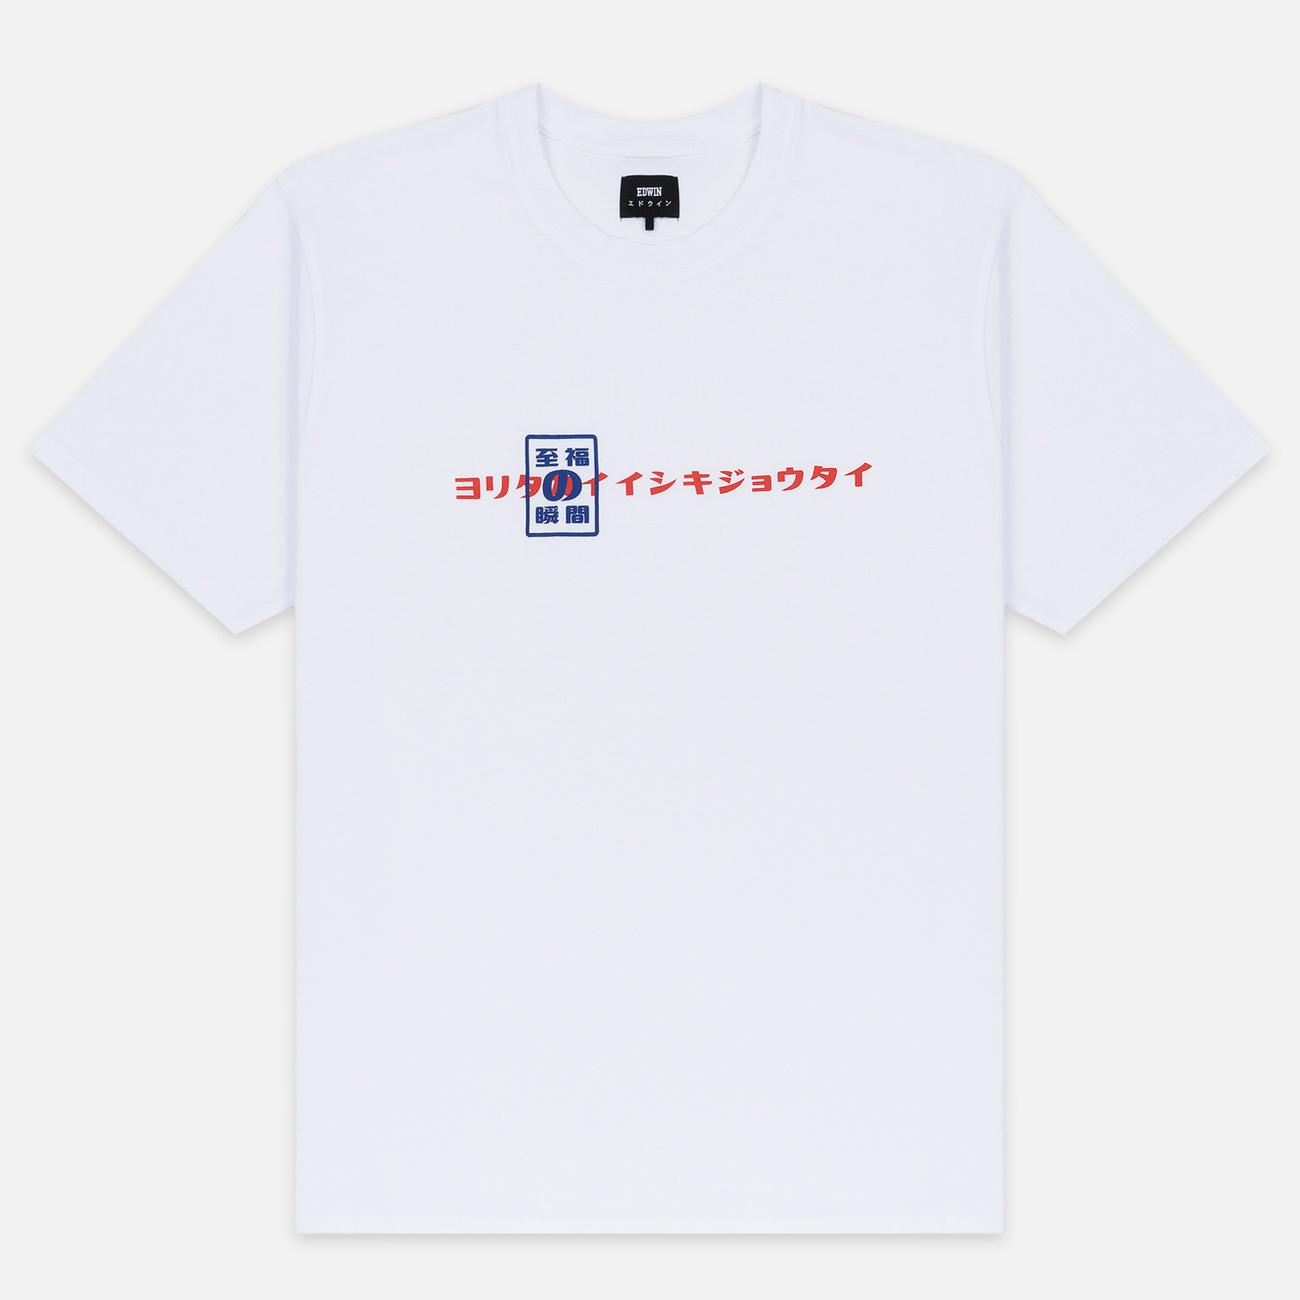 Мужская футболка Edwin Shuin Garment Wash White